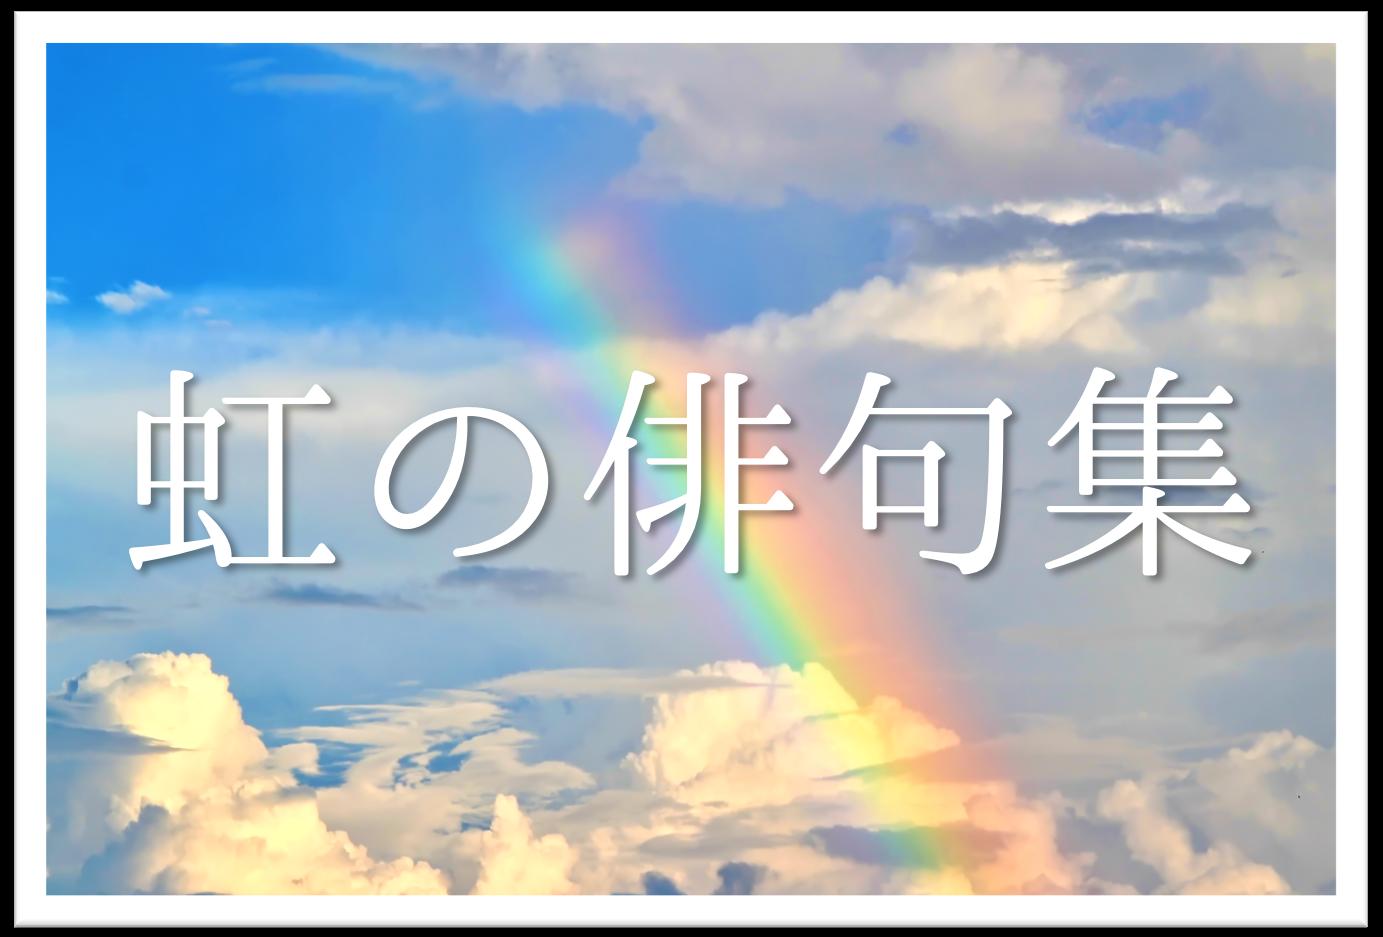 【虹の俳句 20選】知っておきたい!!季語を含むおすすめ有名&素人俳句を紹介!